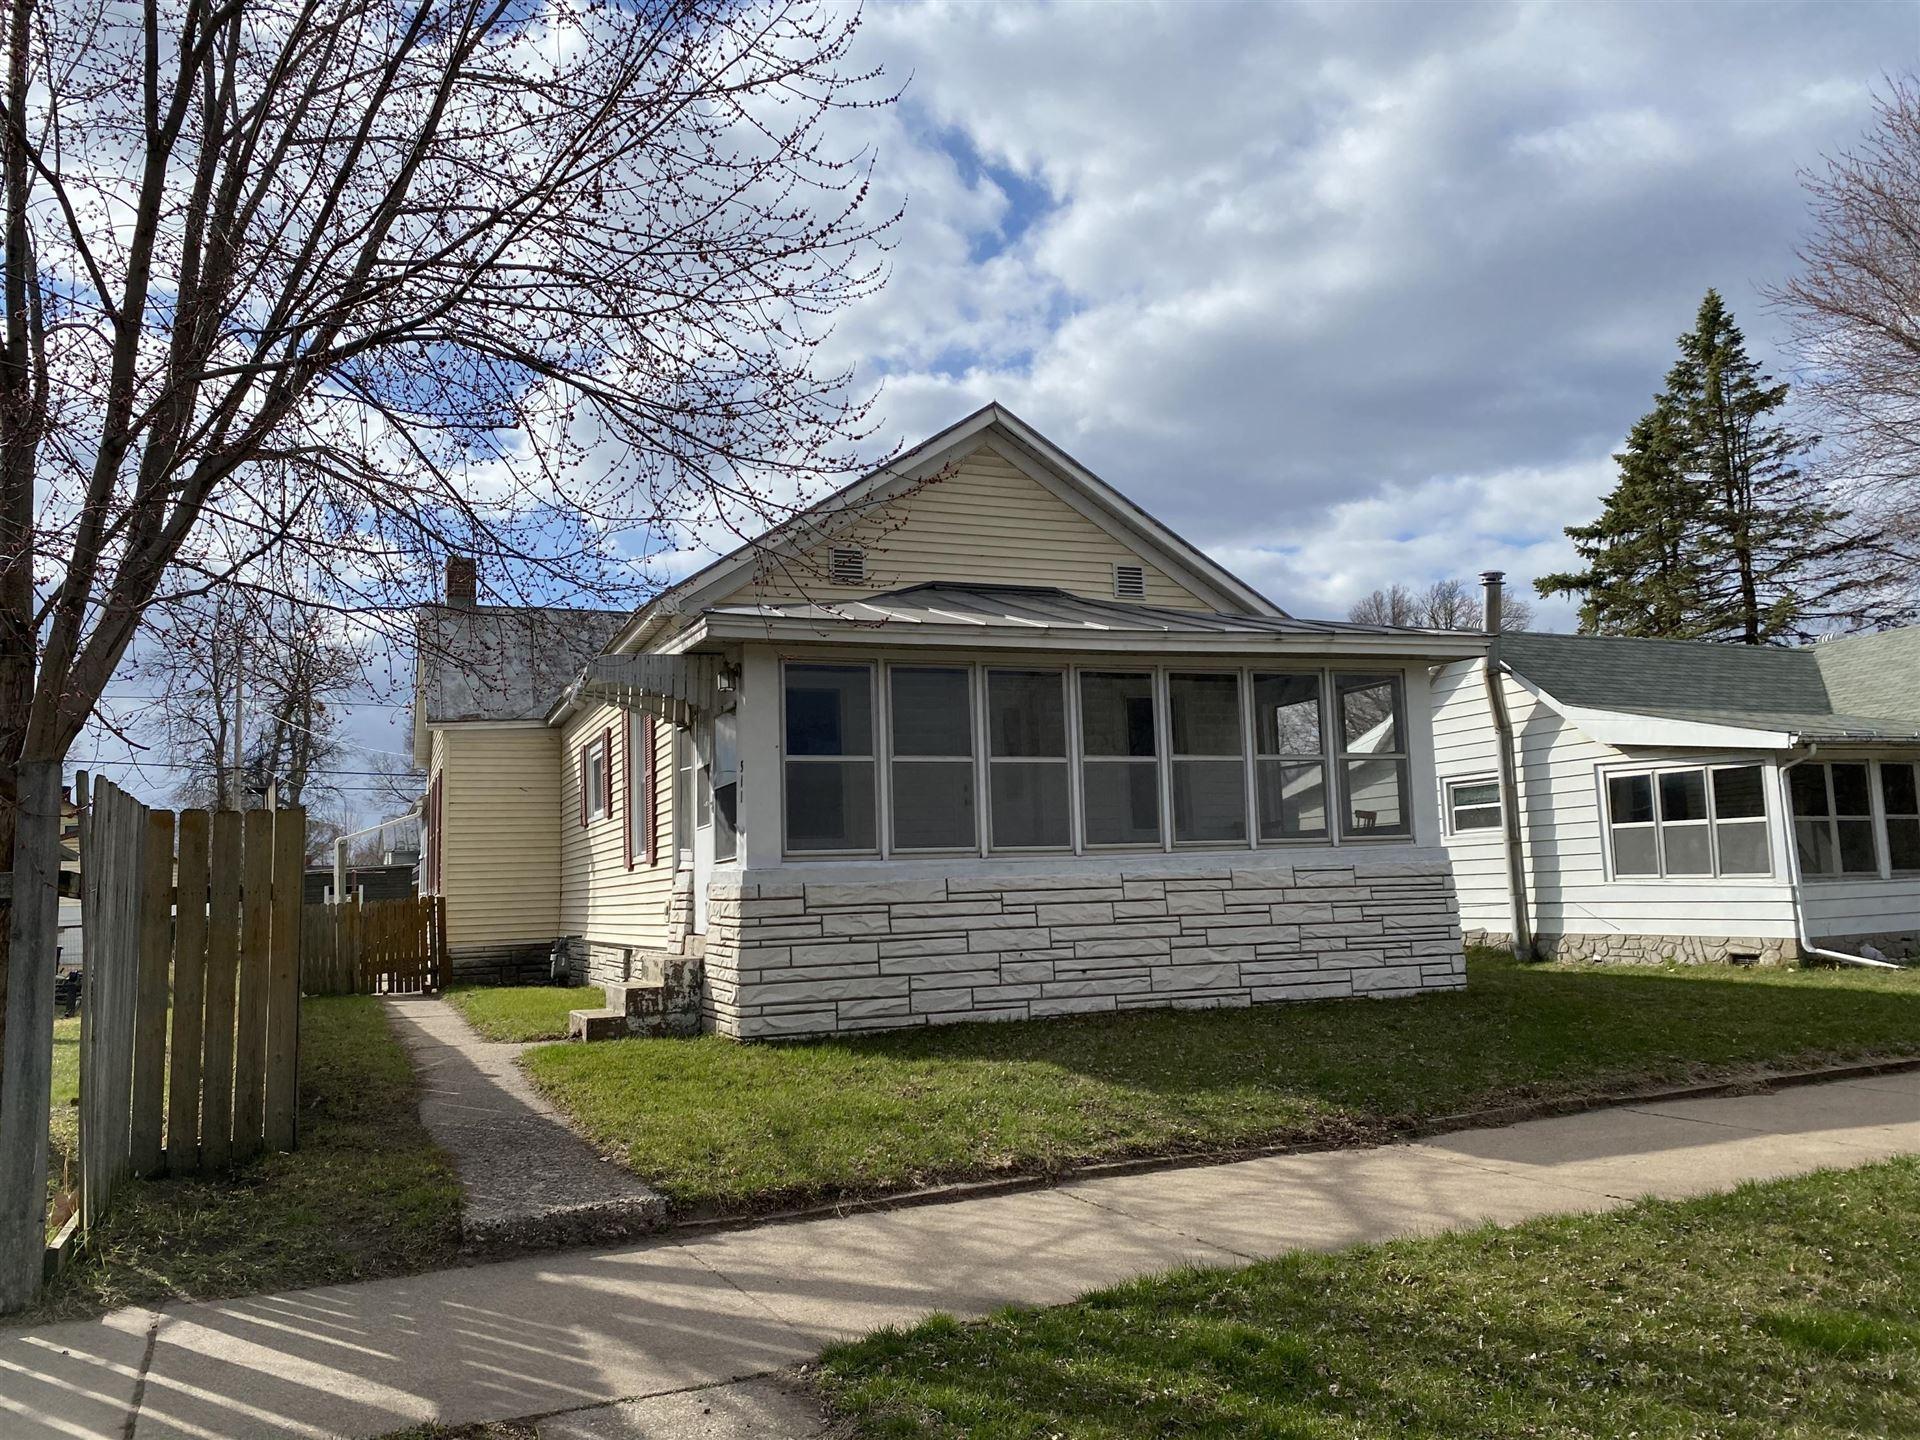 511 Charles St, La Crosse, WI 54601 - MLS#: 1734487